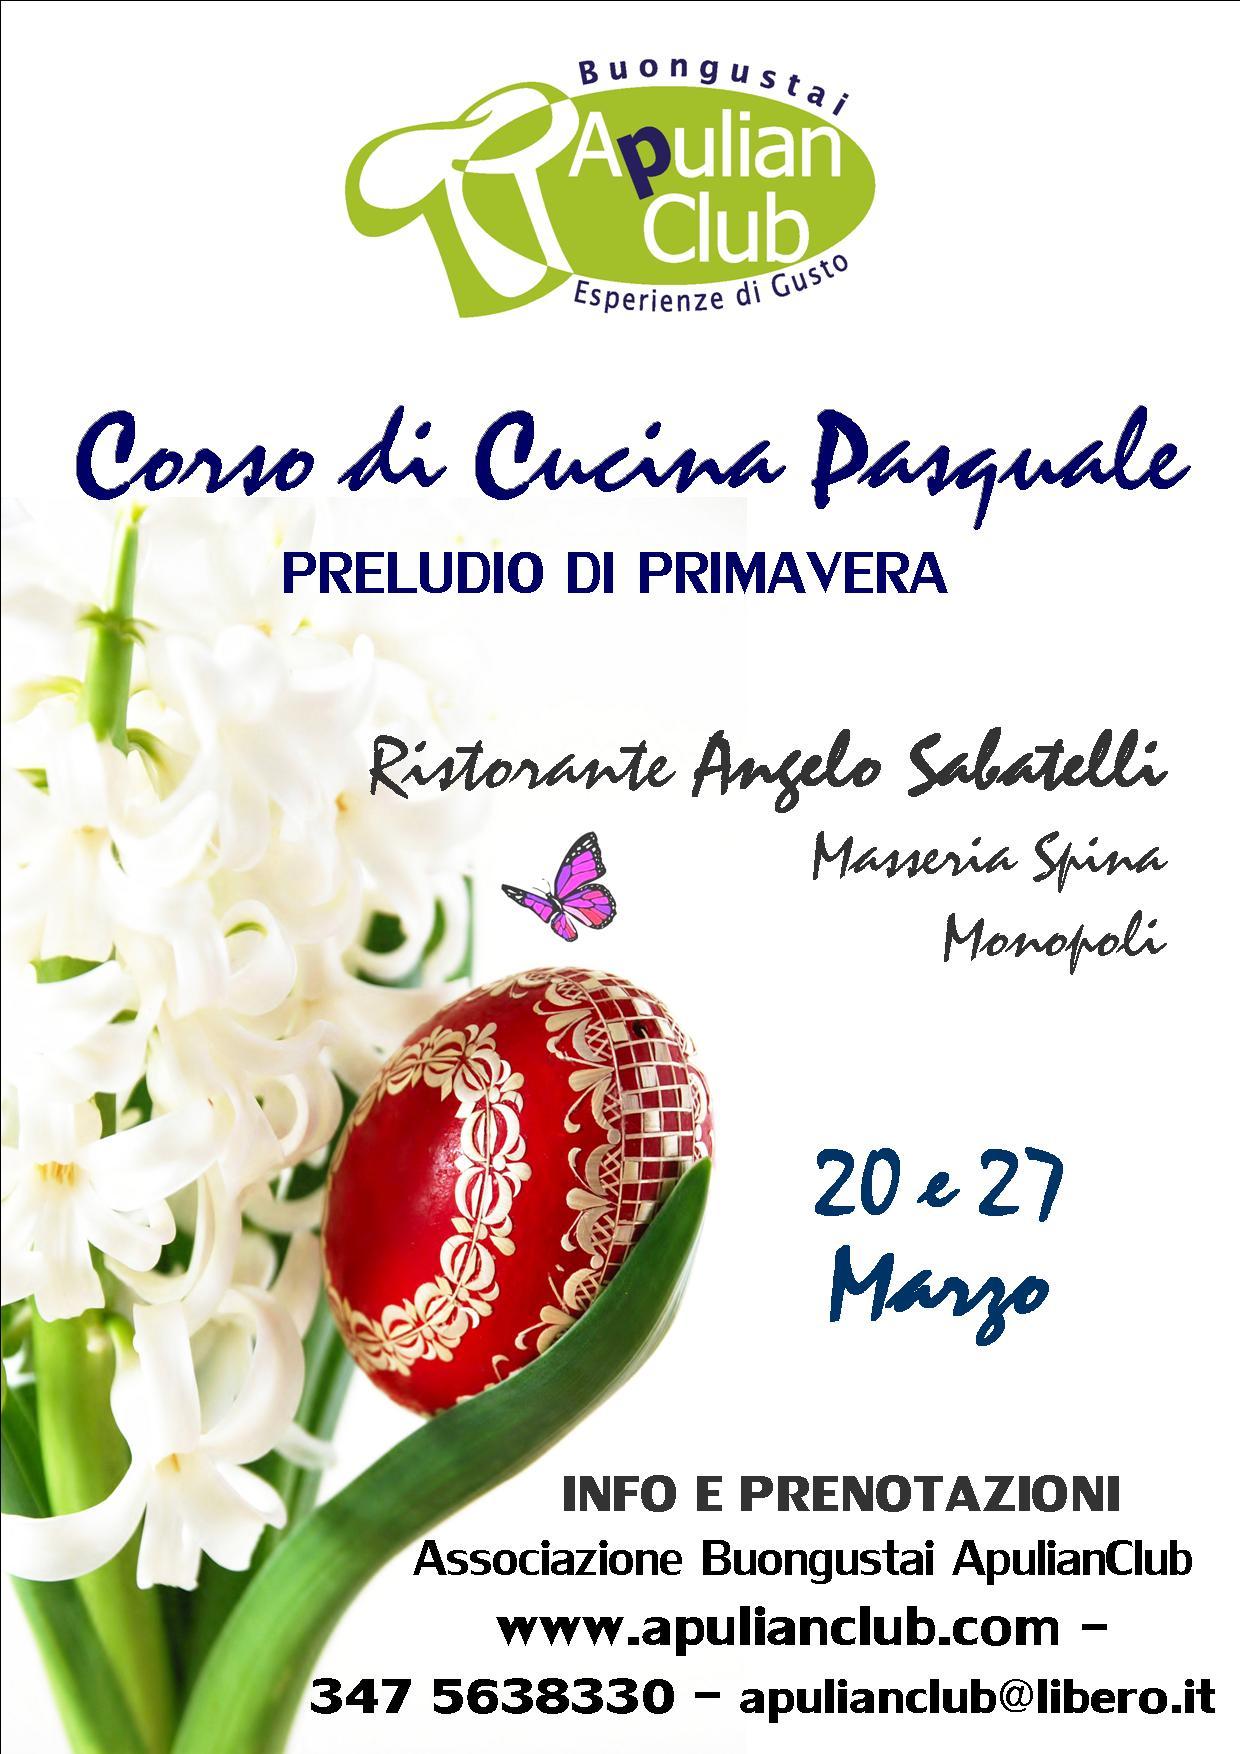 Apulian club associazione buongustai corso di cucina pasquale iii edizione - Corso di cucina bologna ...